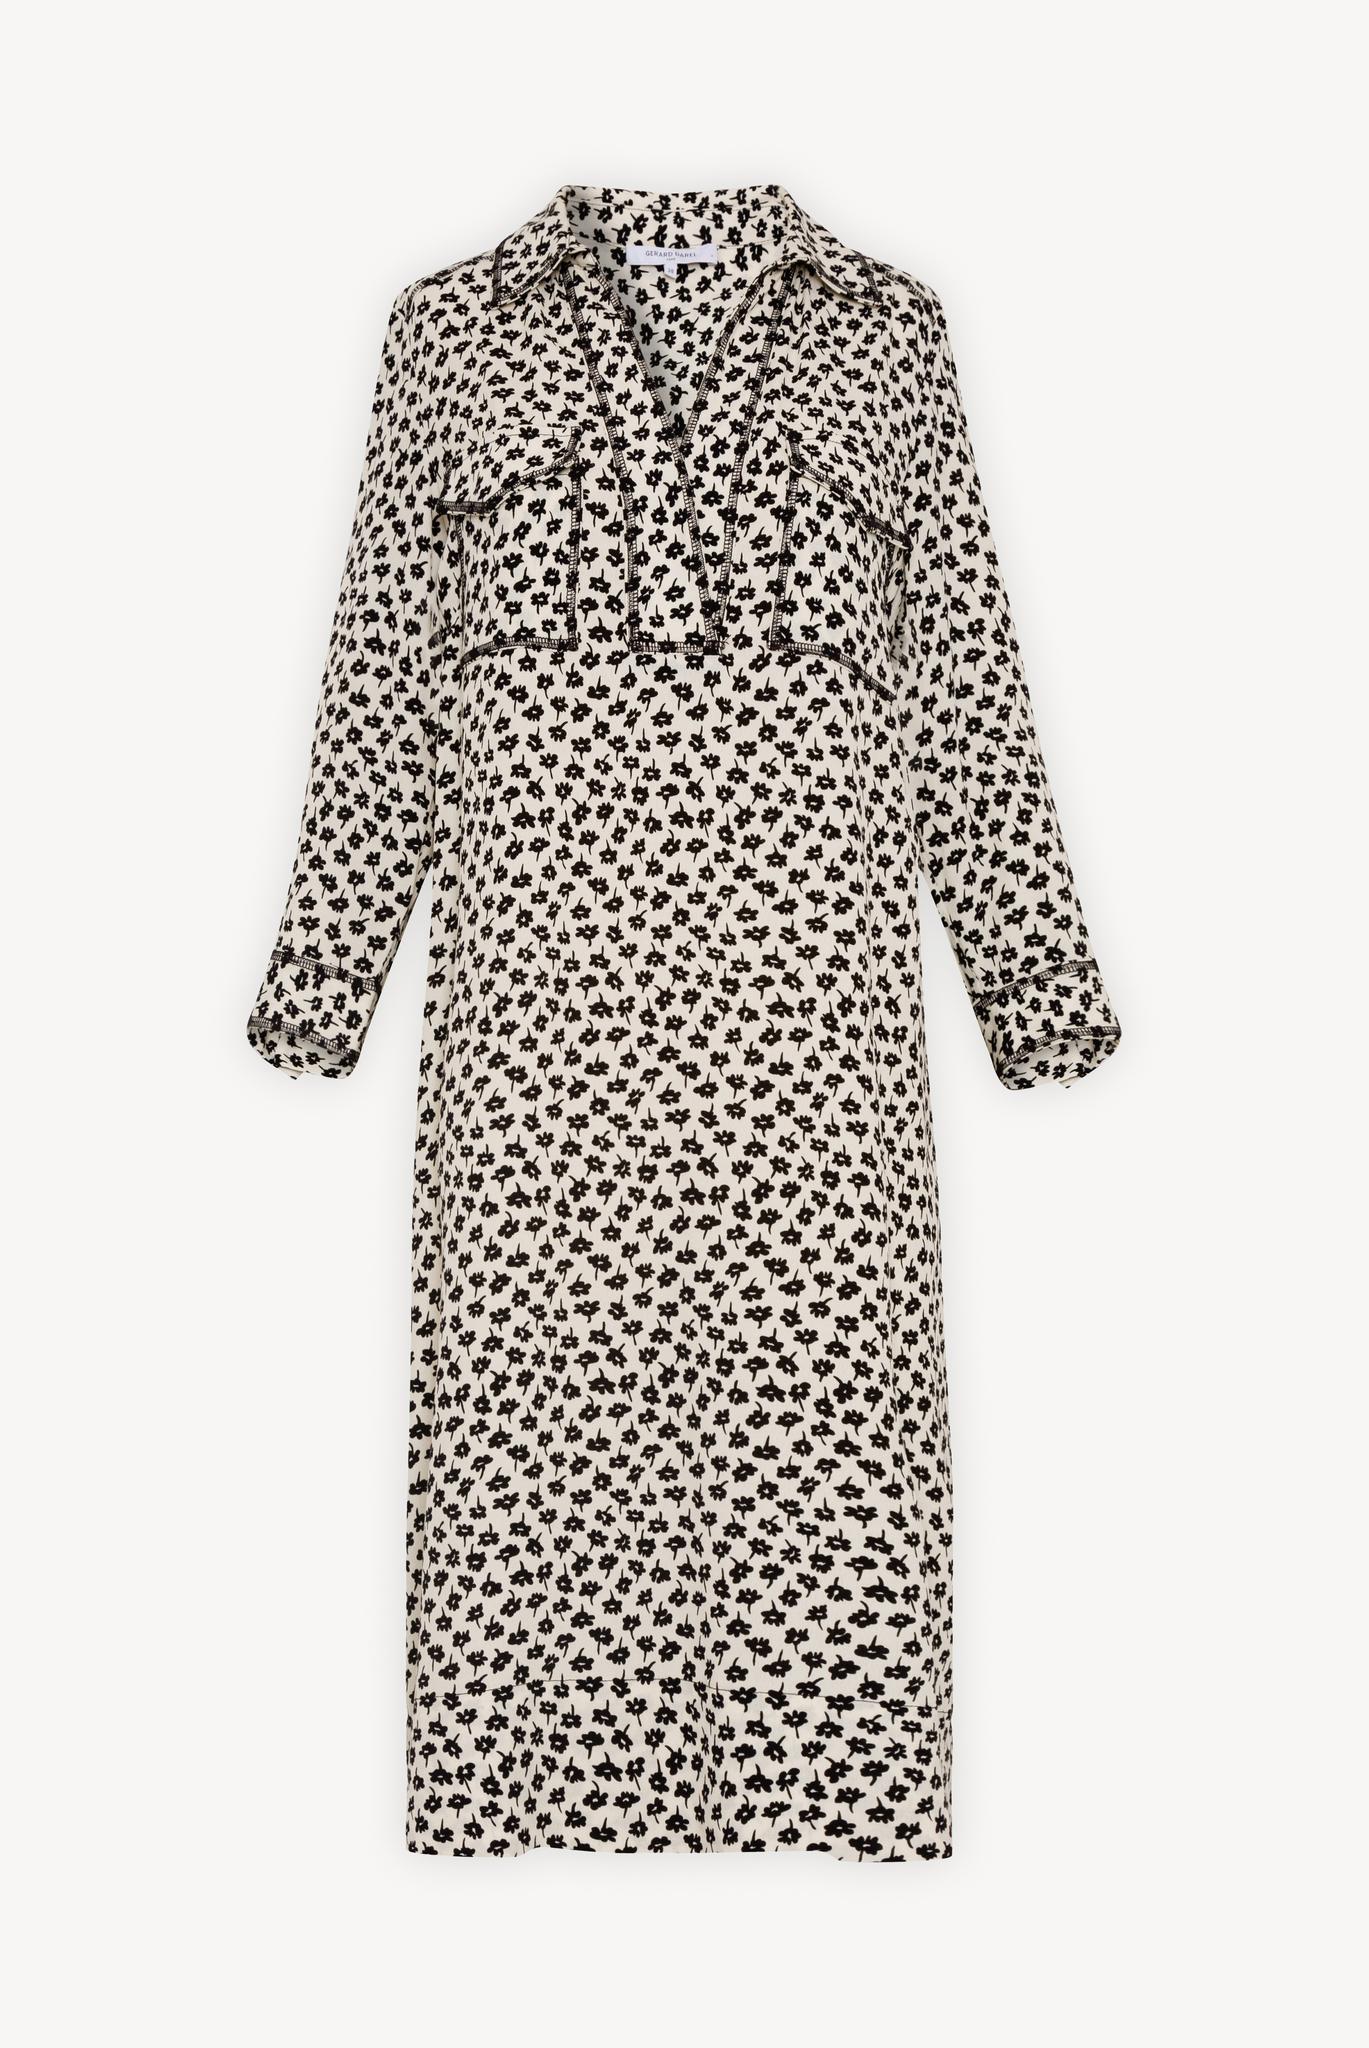 SONYA  - Платье-рубашка из крепа с принтом